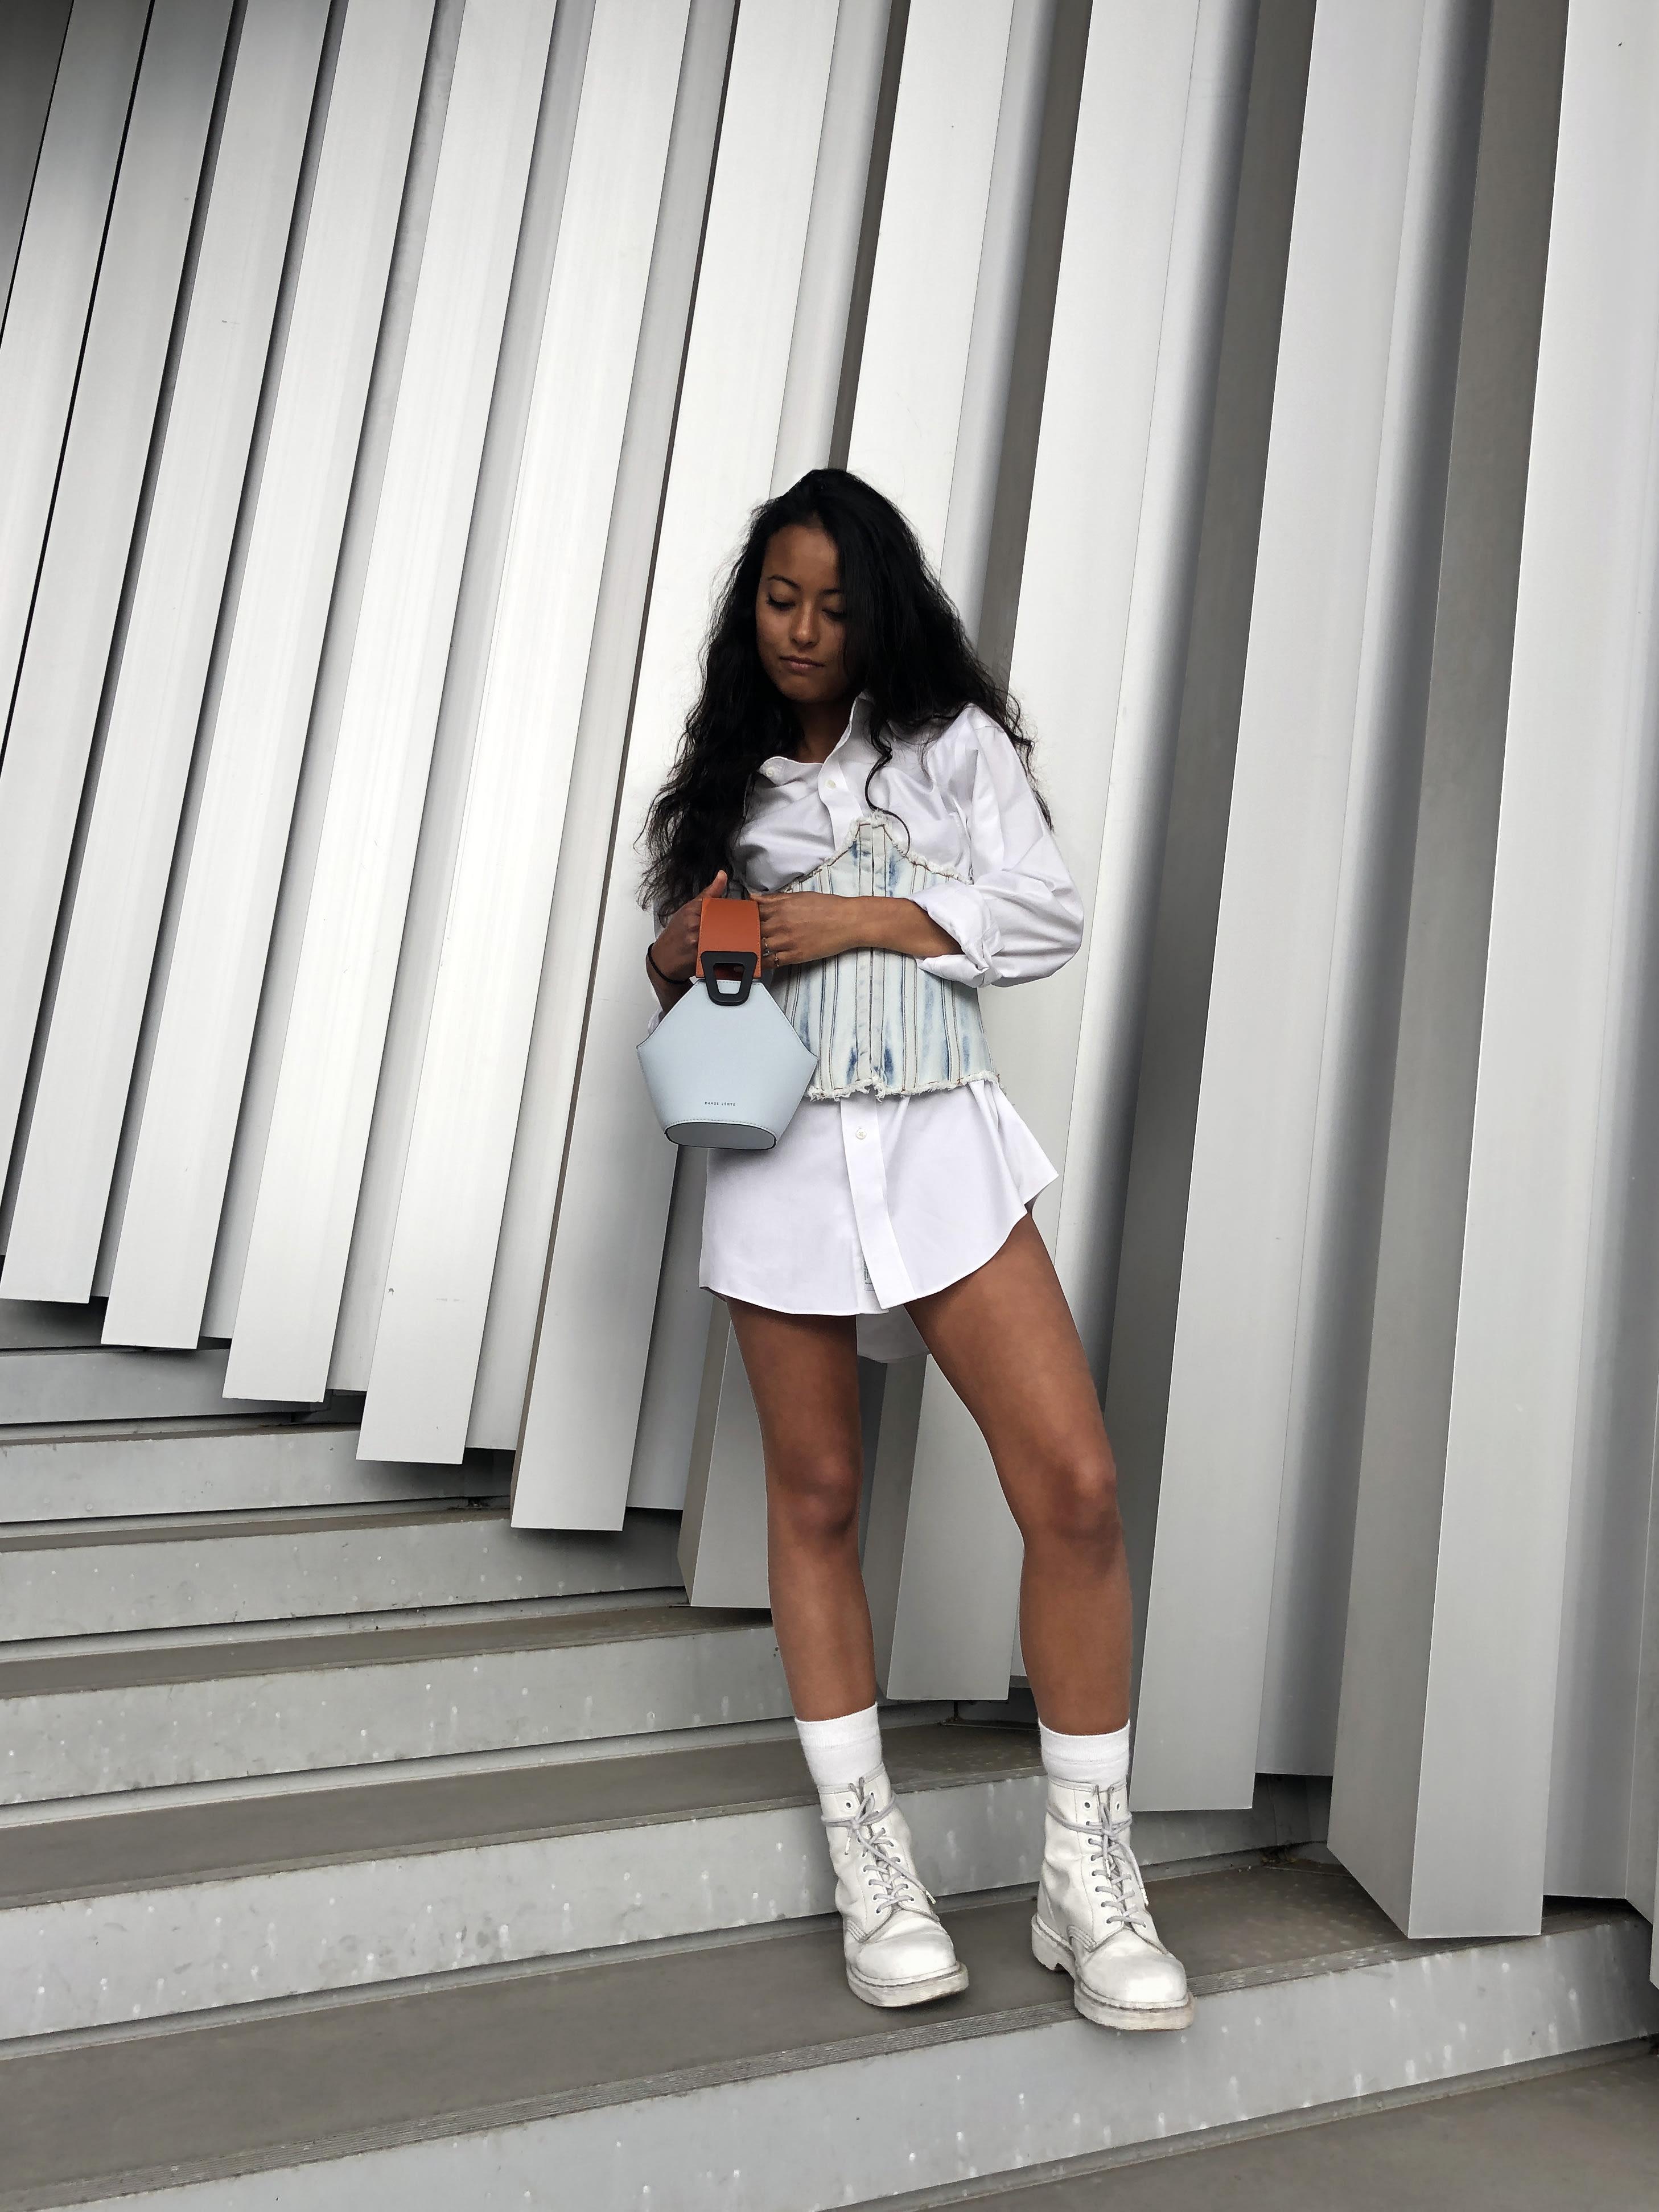 Modèle qui porte le look Corset Denim et Blanc de Travail